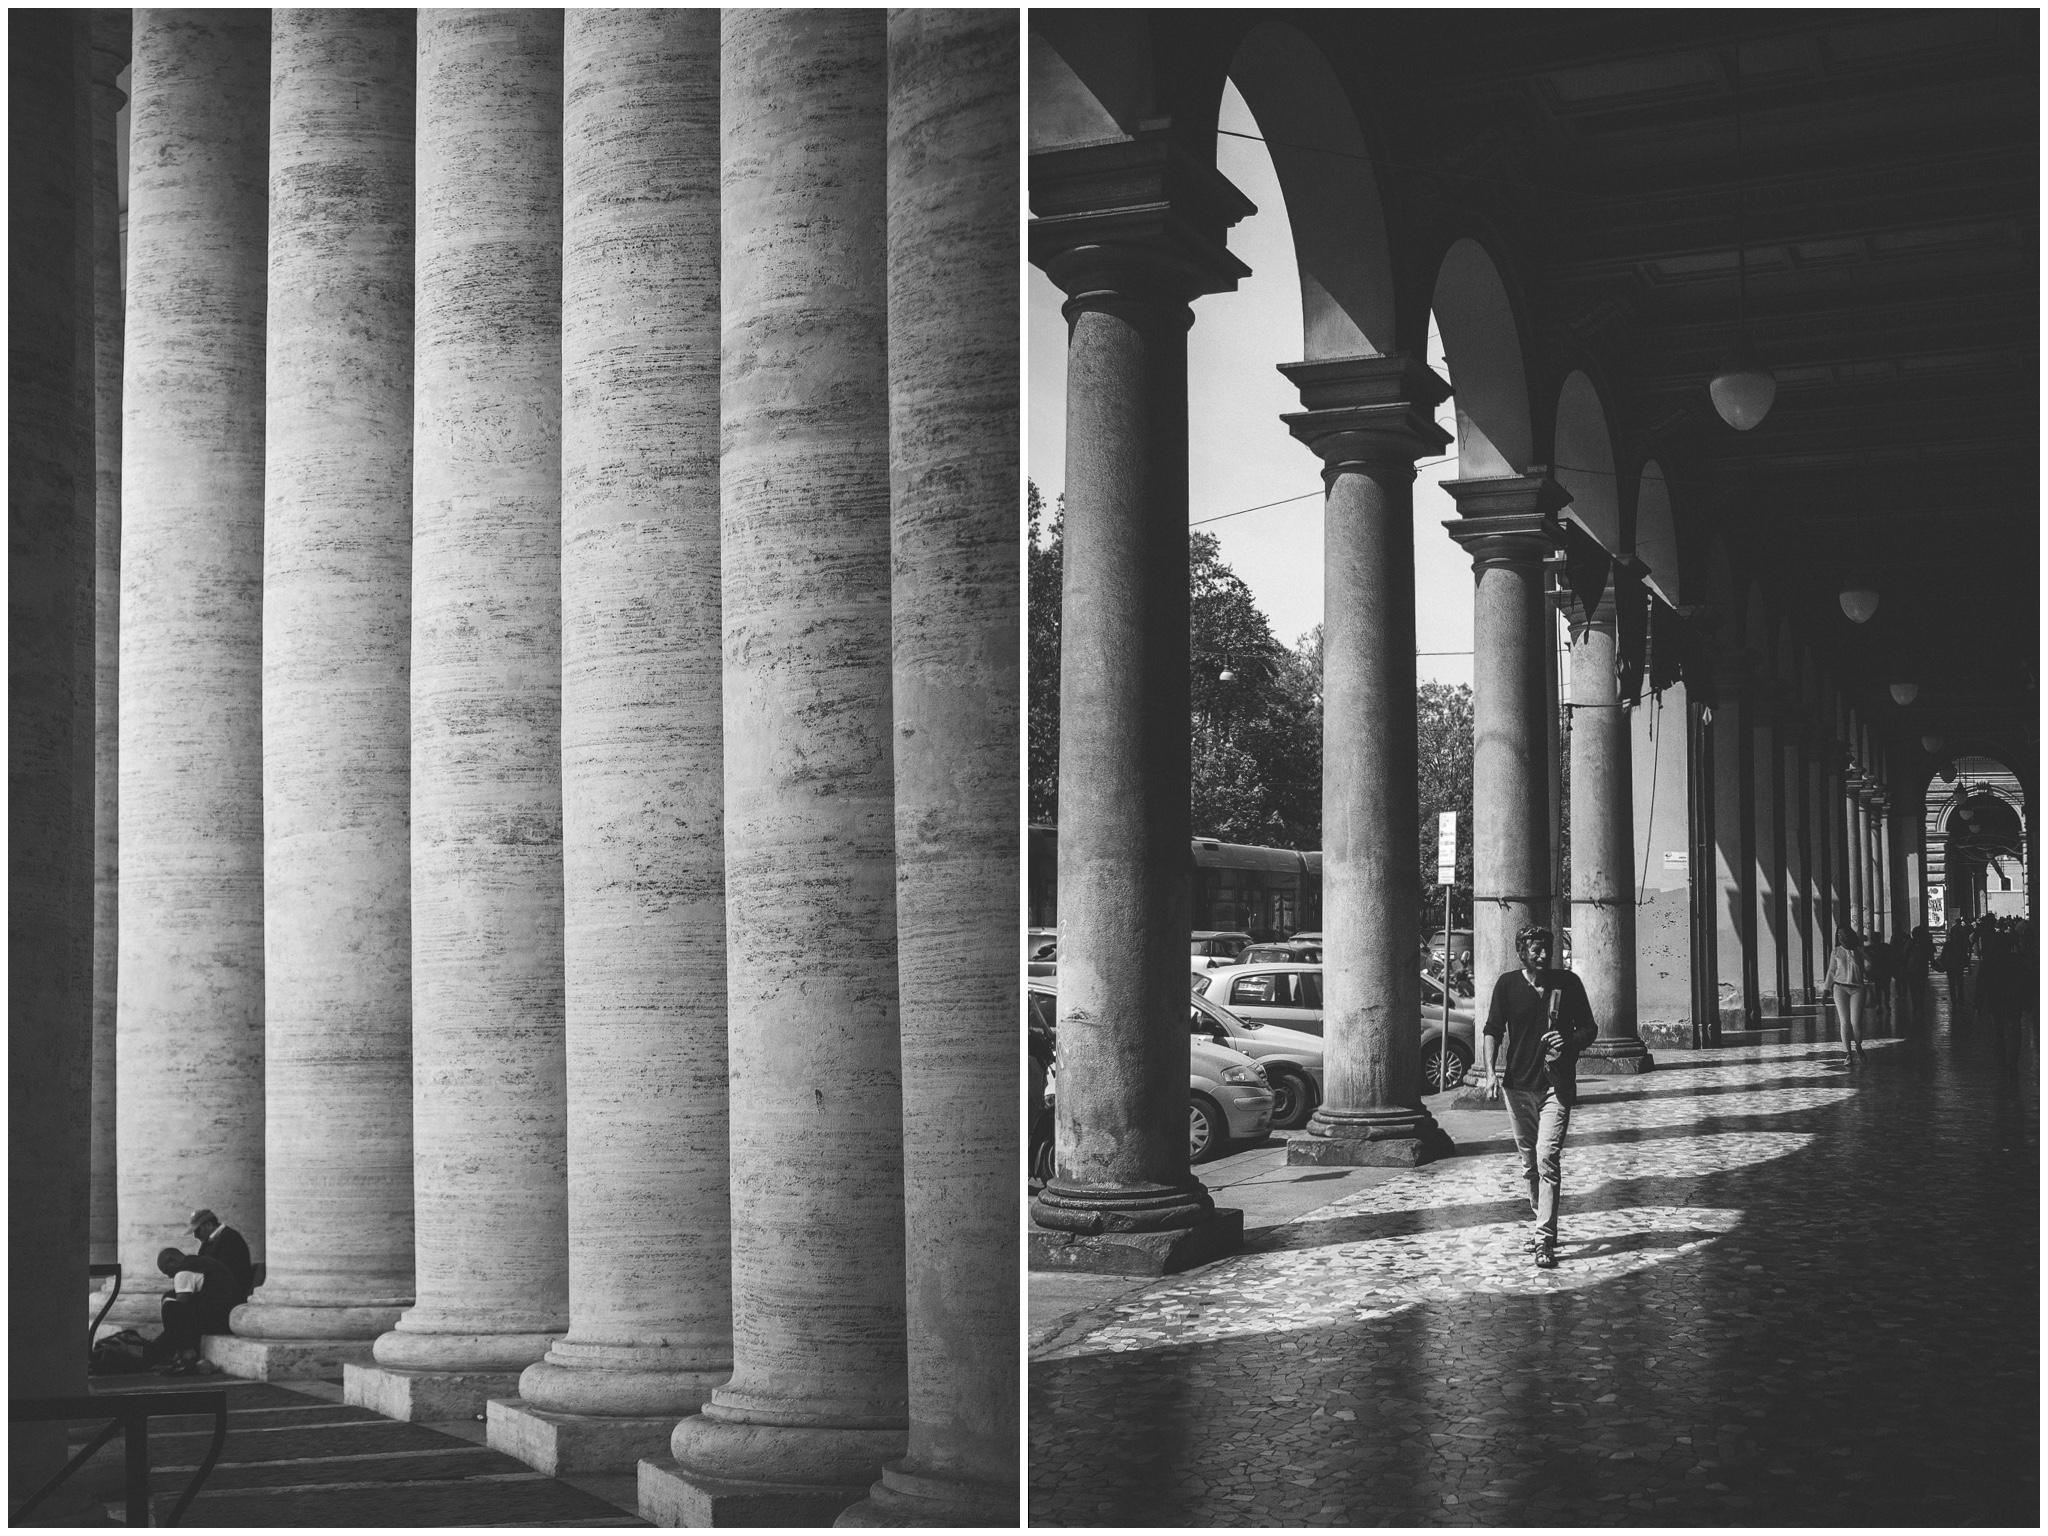 Rome-41-koll.jpg